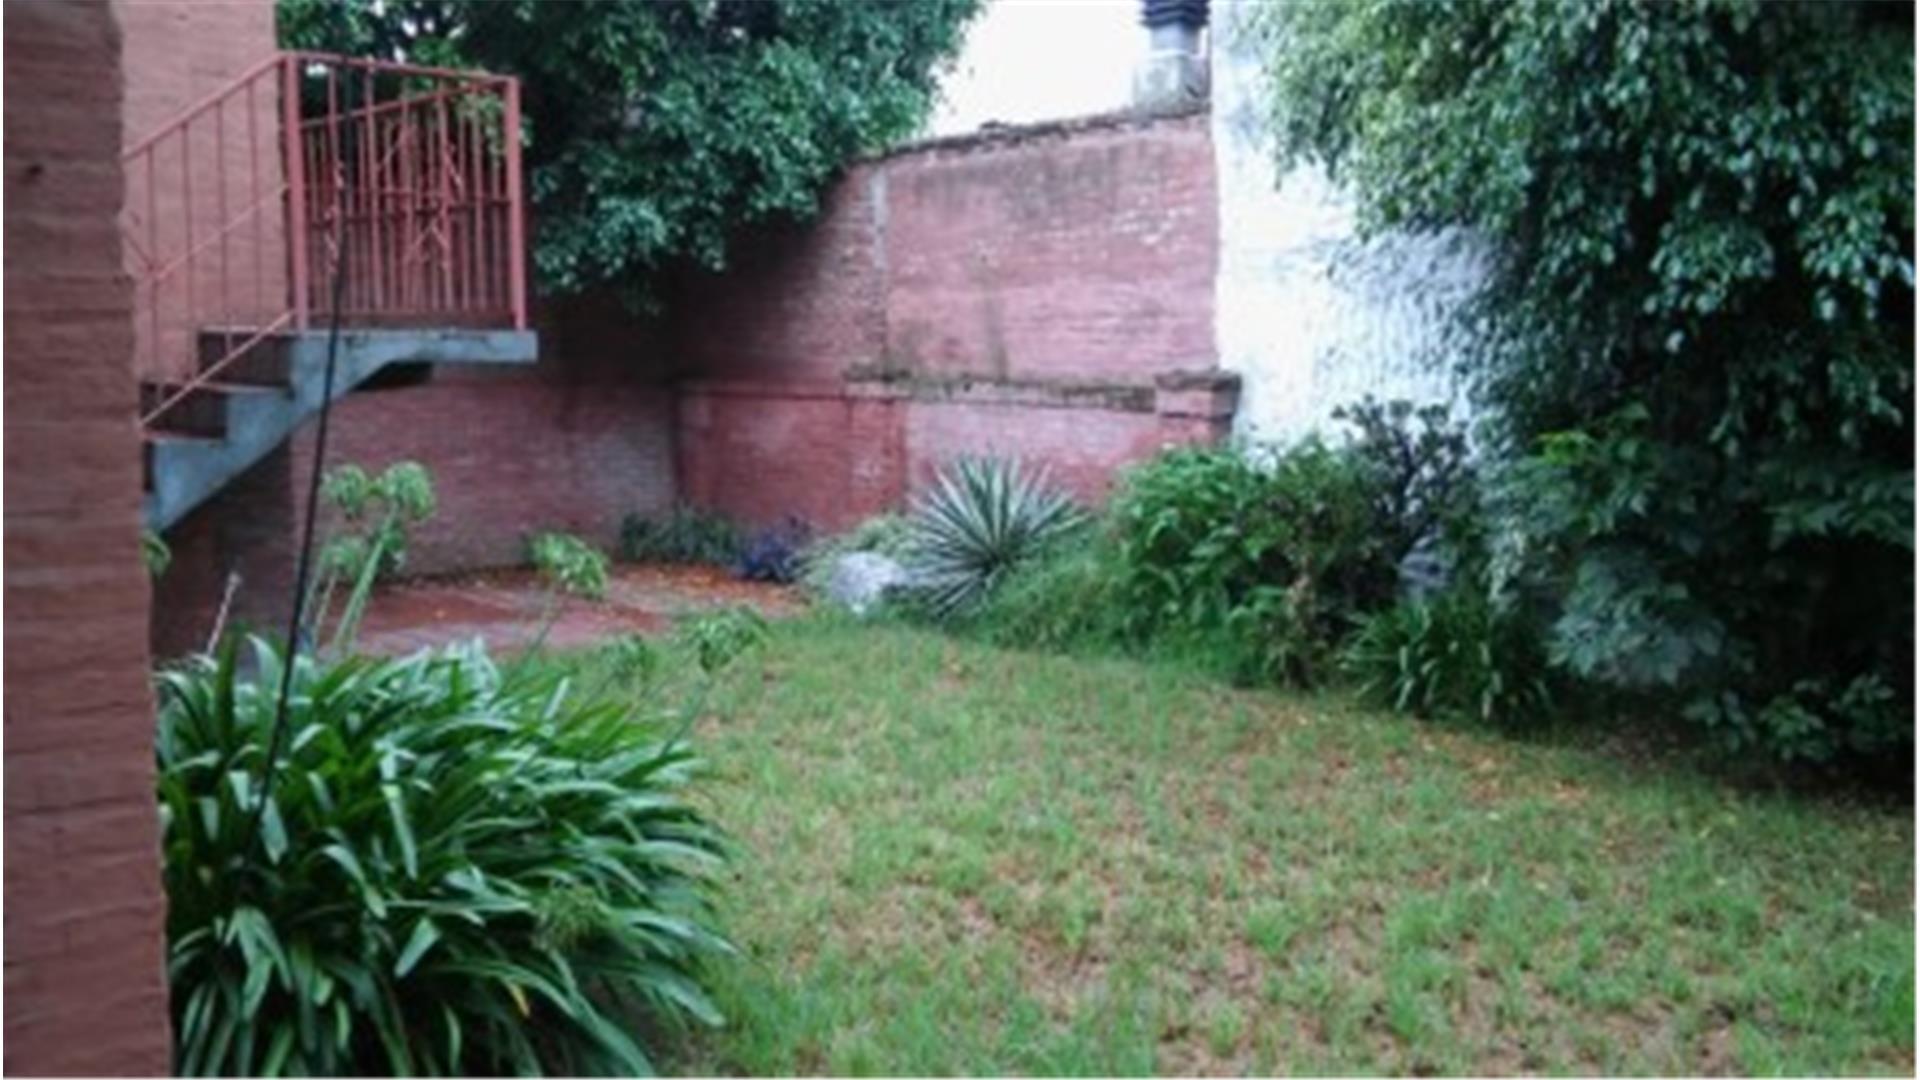 Excelente chalet de 2 plantas en zona resid de Ituzaingo